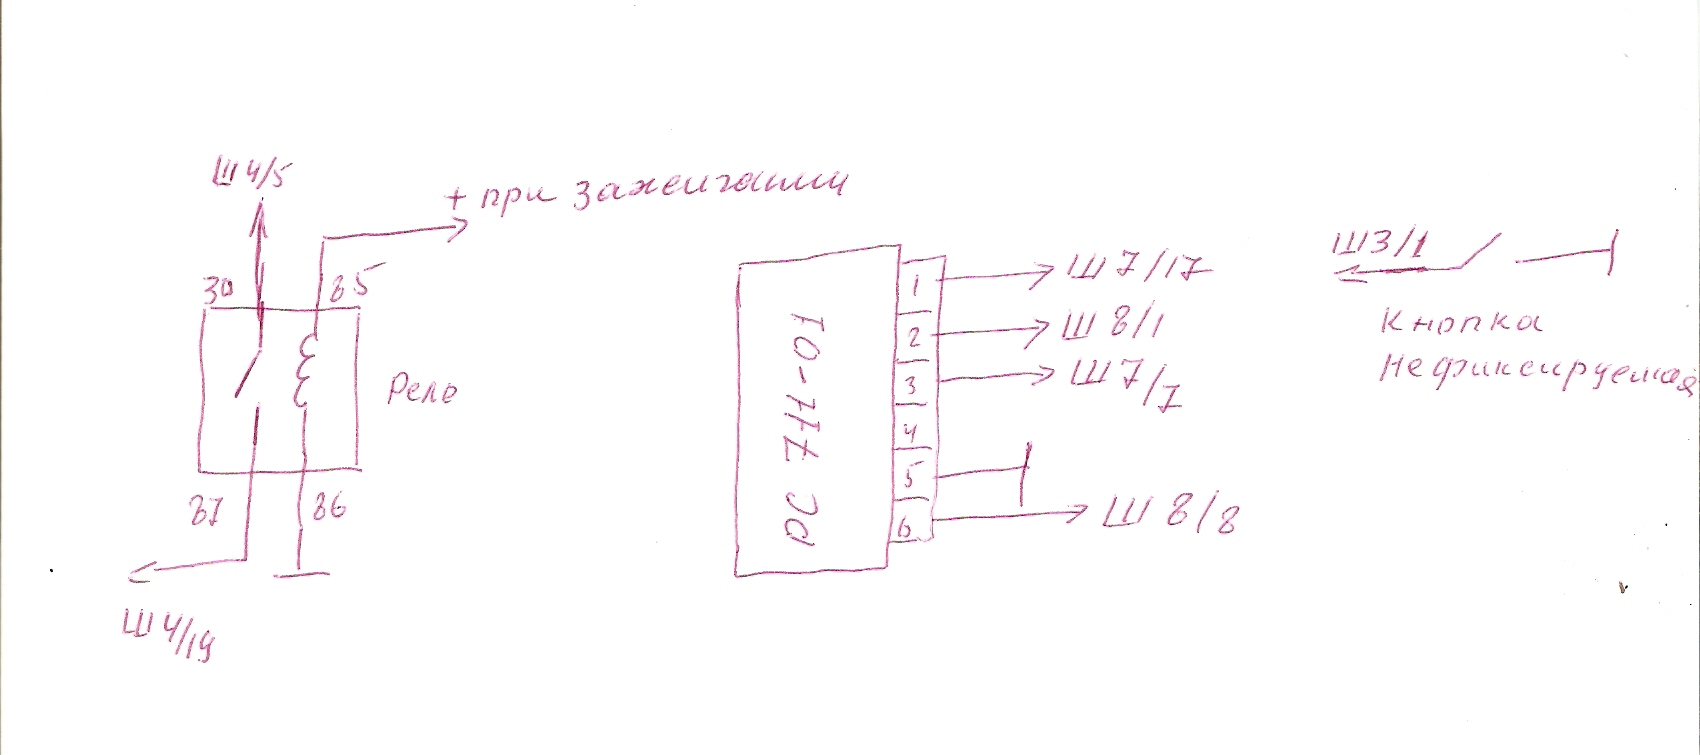 Реле 904.3747 10 схема подключения